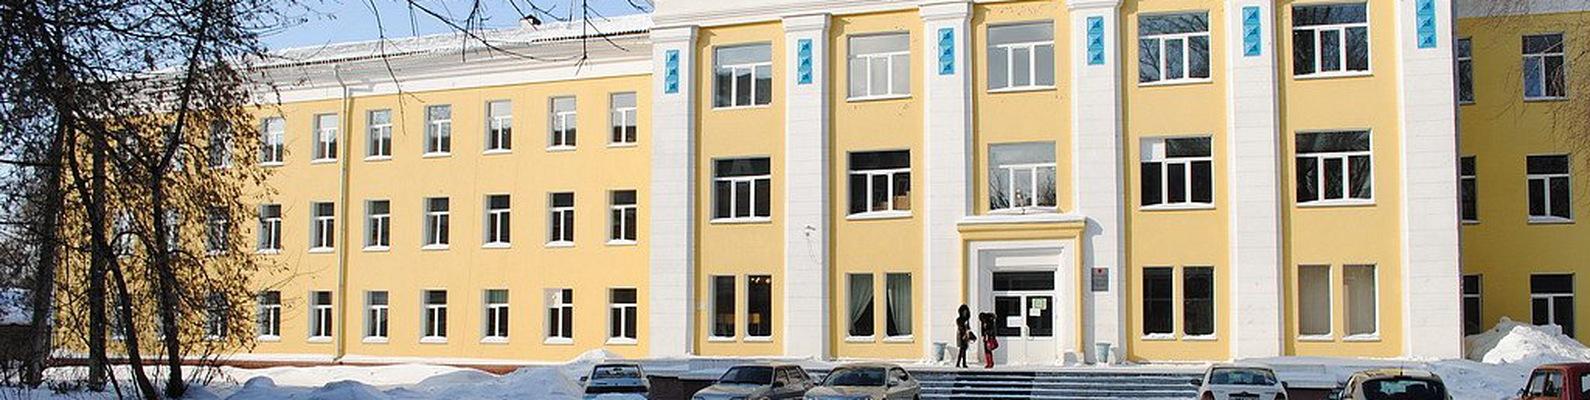 Кемеровский медицинская академия приемная комиссия сдать металлолом в москве 41 мкад самовывоз